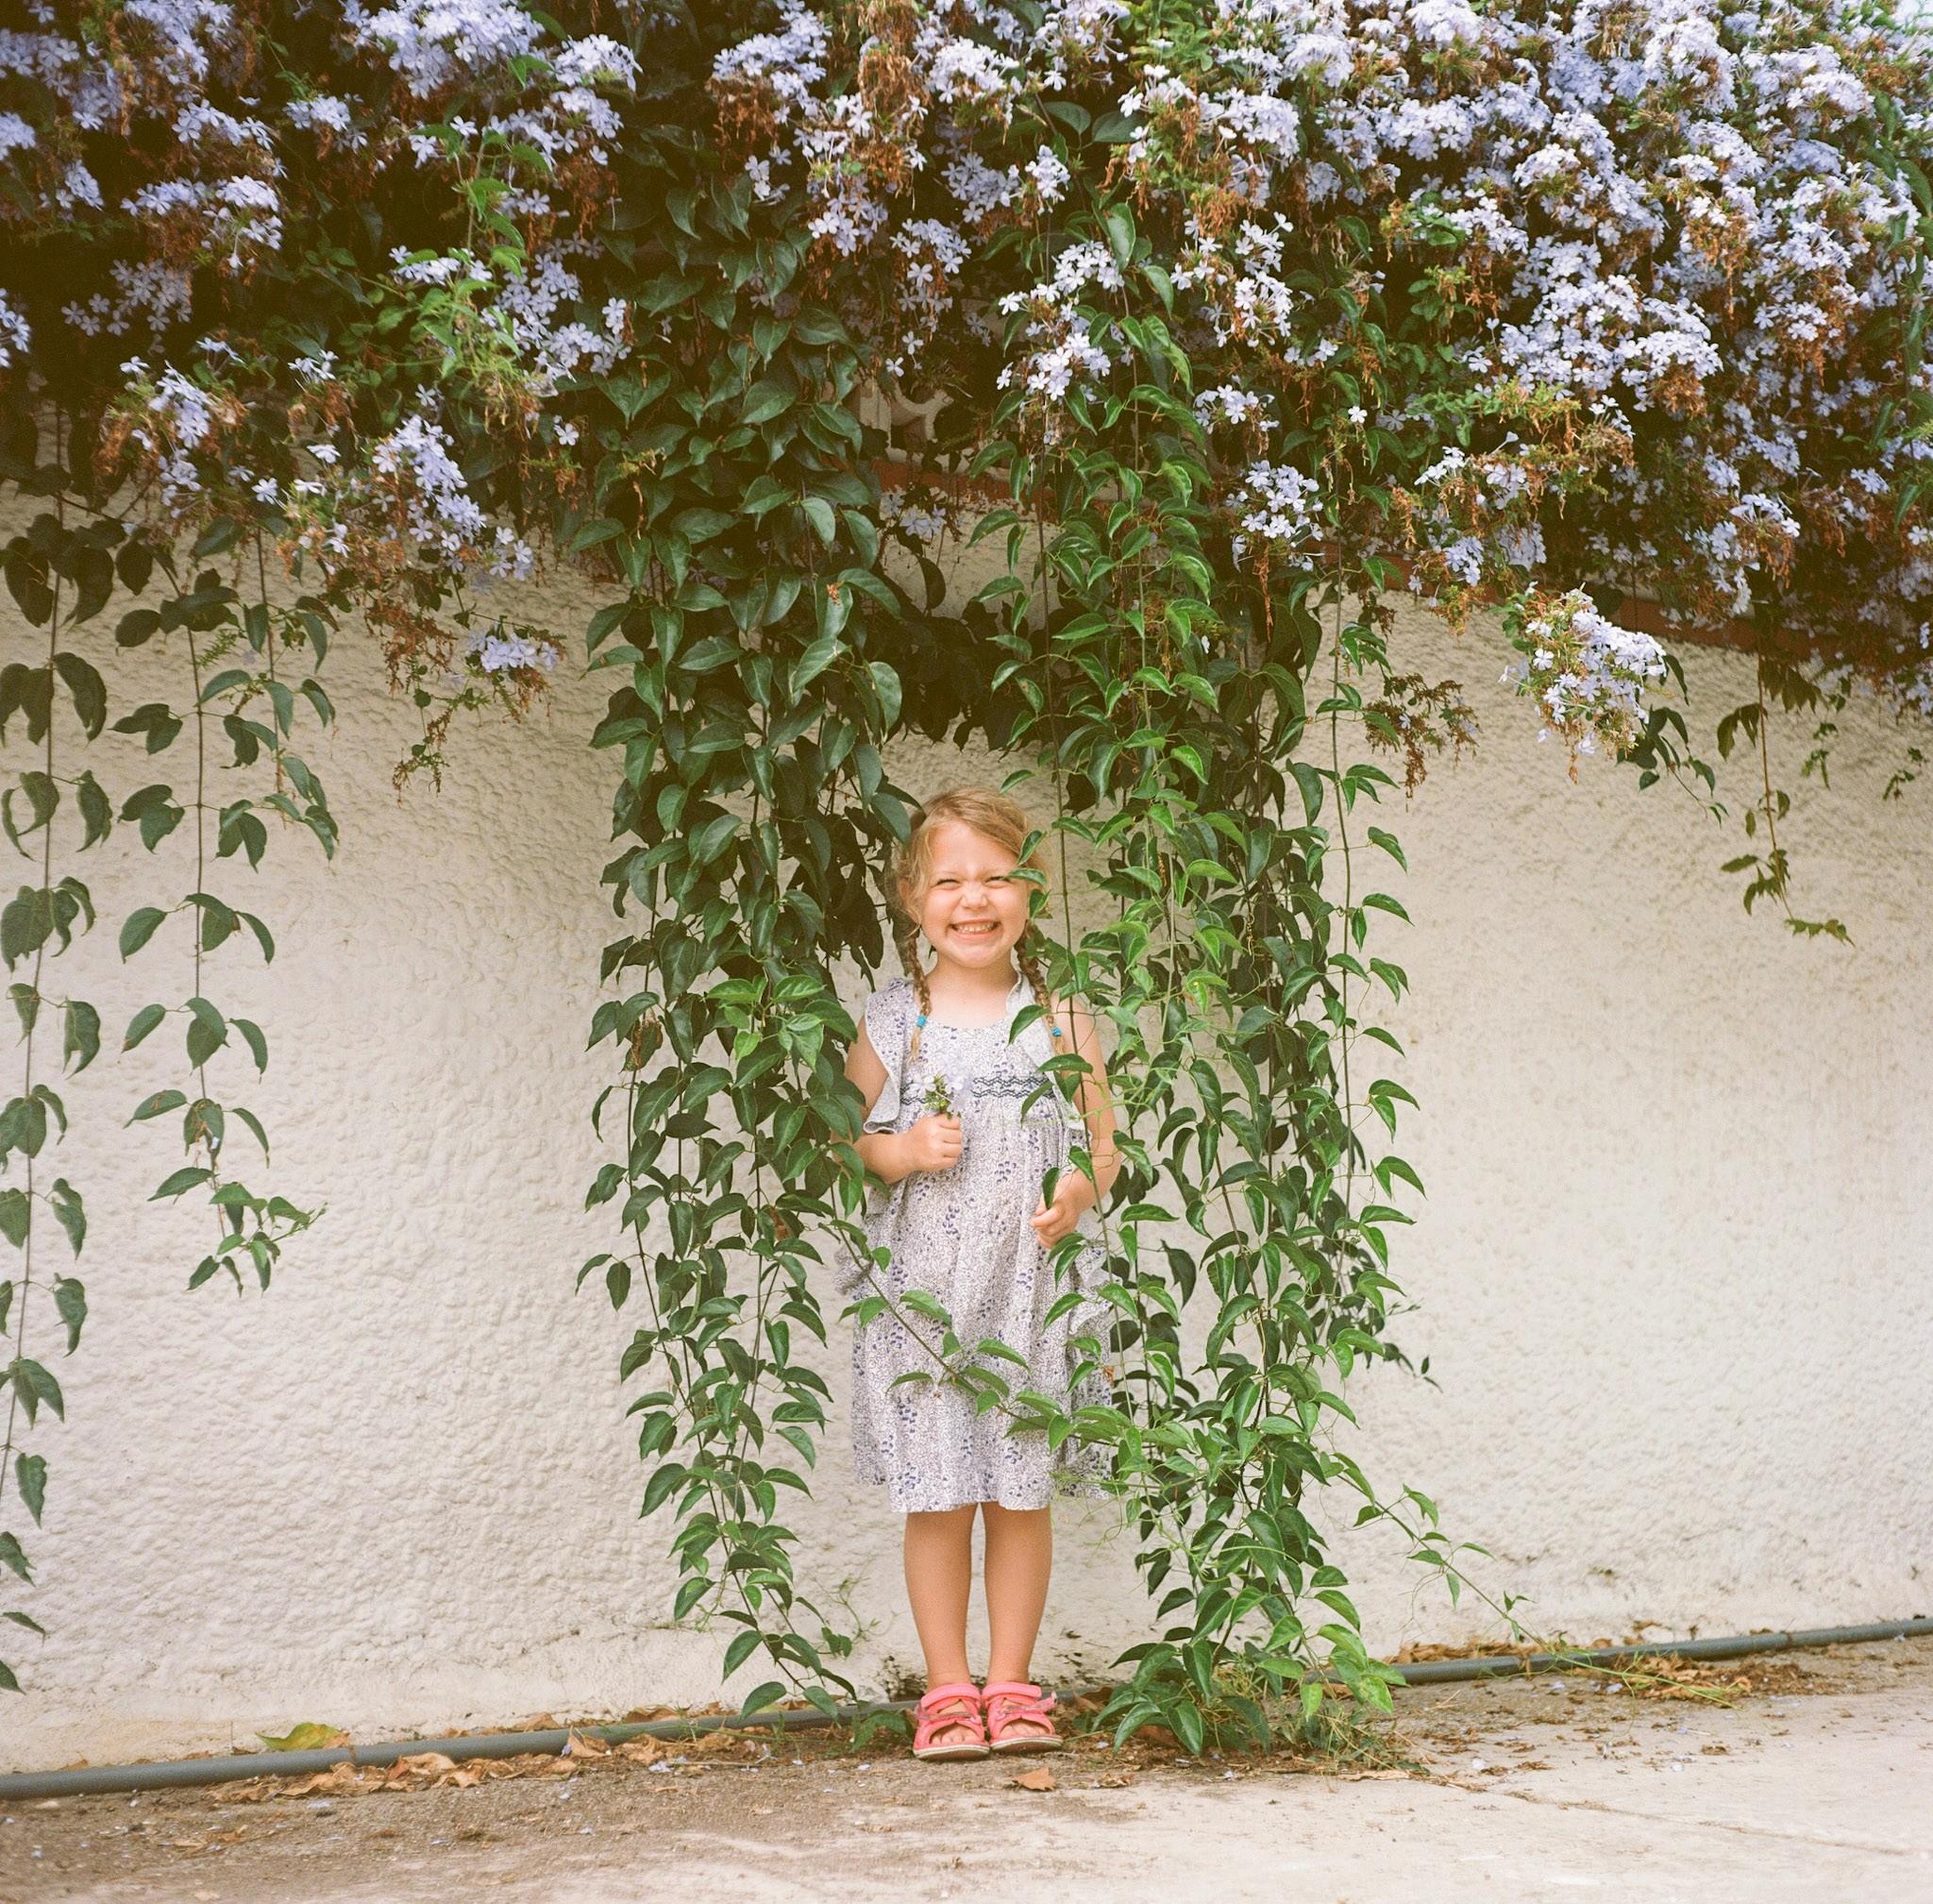 Flower Girl | Rolleicord | Ektar | Michael Rennie